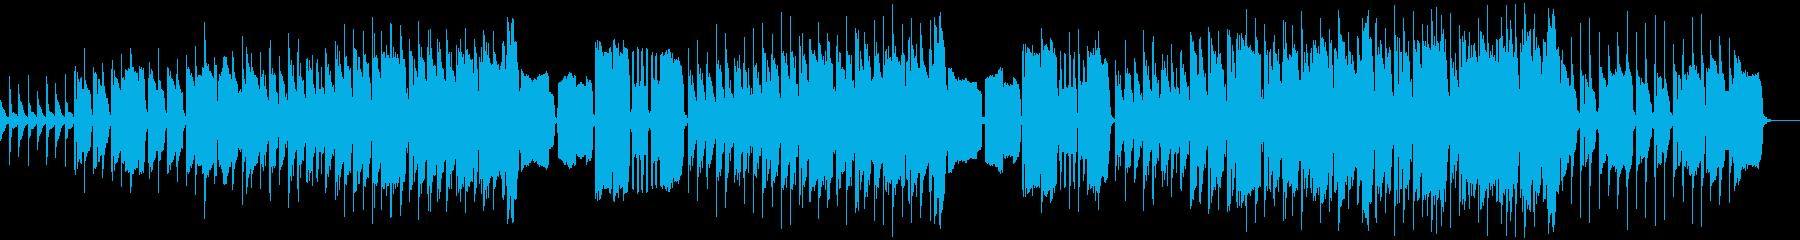 のんびりとしたくつろぎのフエの曲の再生済みの波形